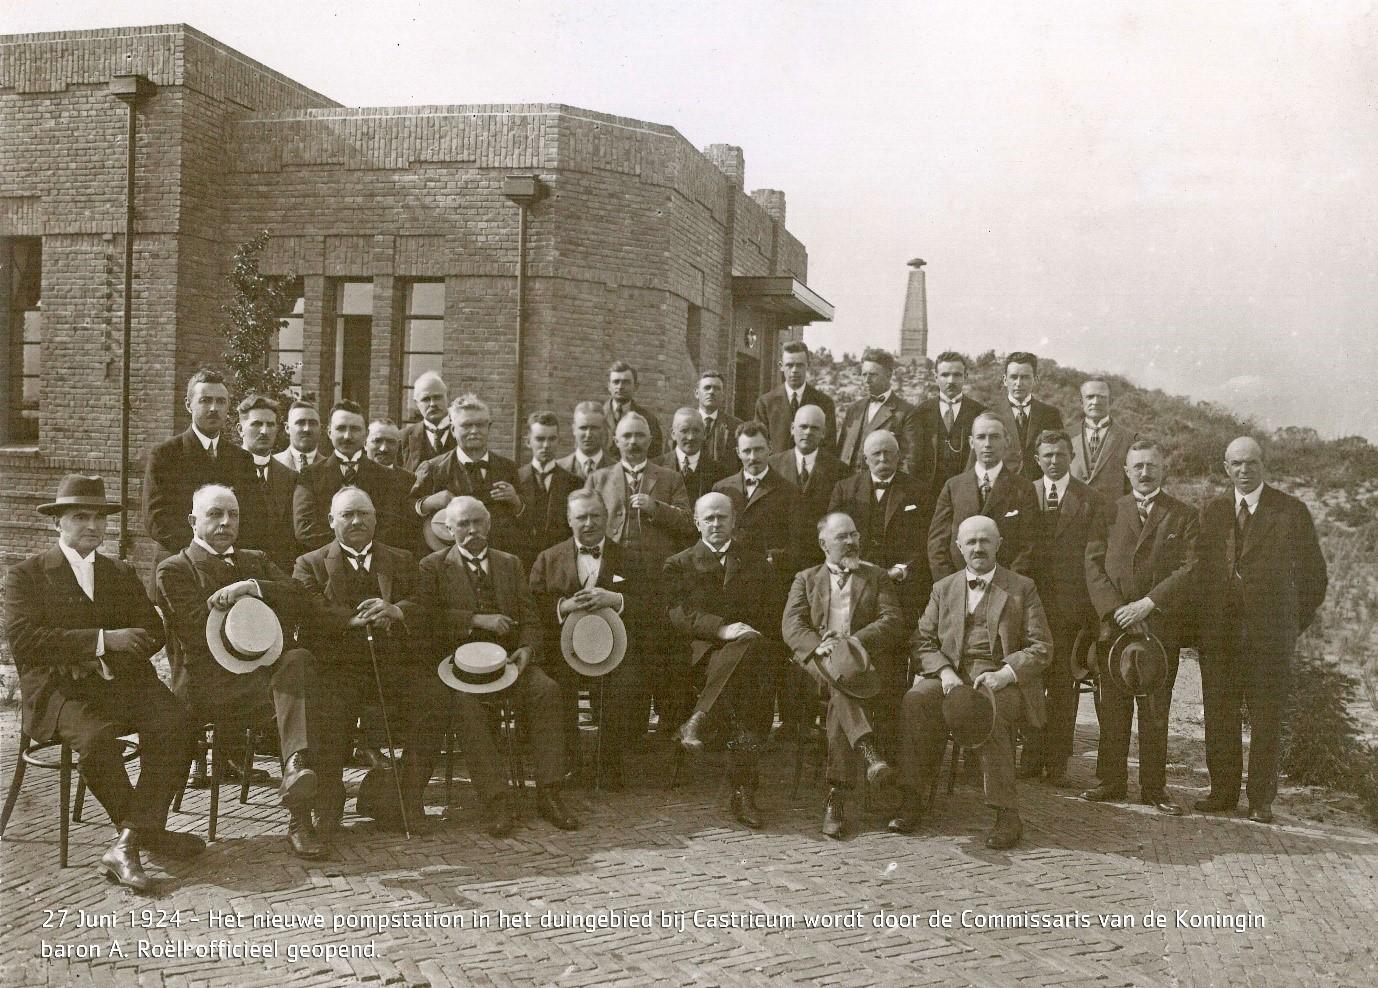 Eerste drinkwaterpompstation in Castricum 27 juni 1924